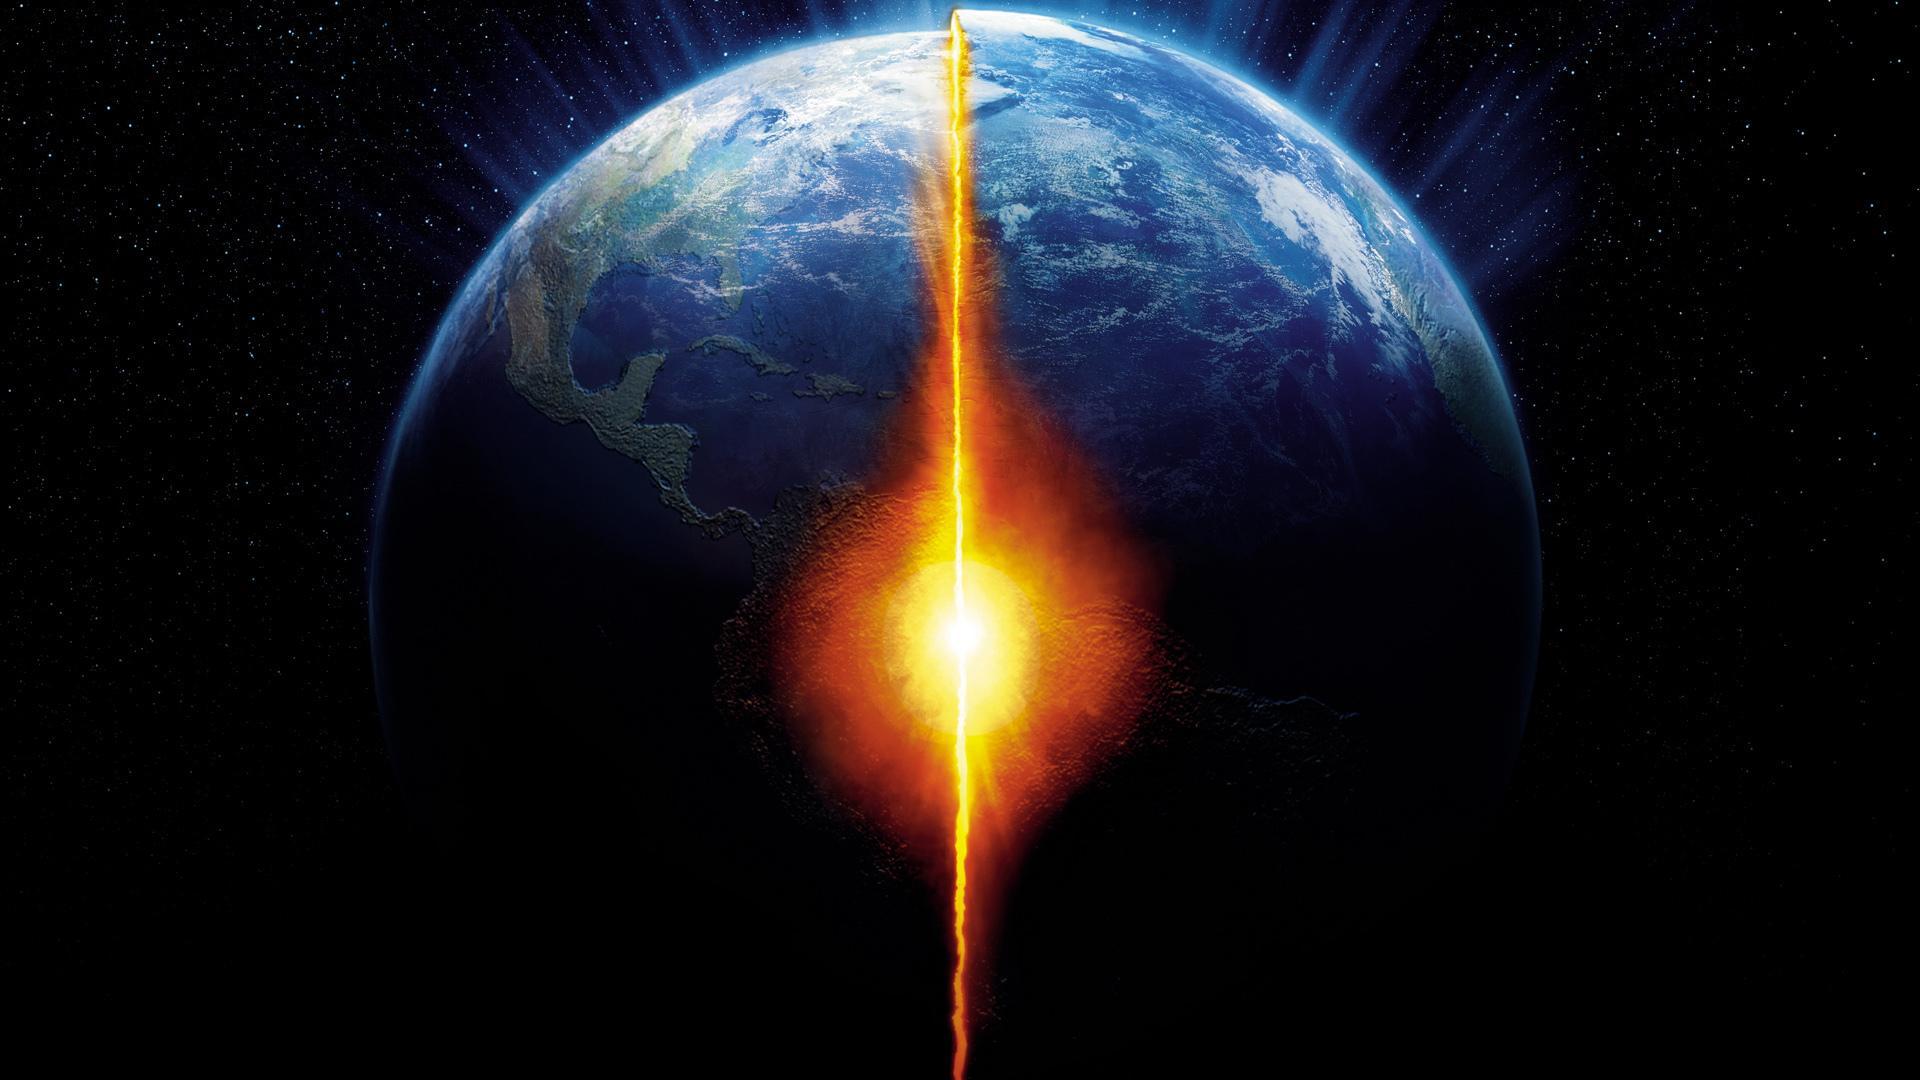 Epic Movie Hd Wallpapers 10 Fatos Incr 237 Veis E Desconhecidos Sobre O Planeta Terra